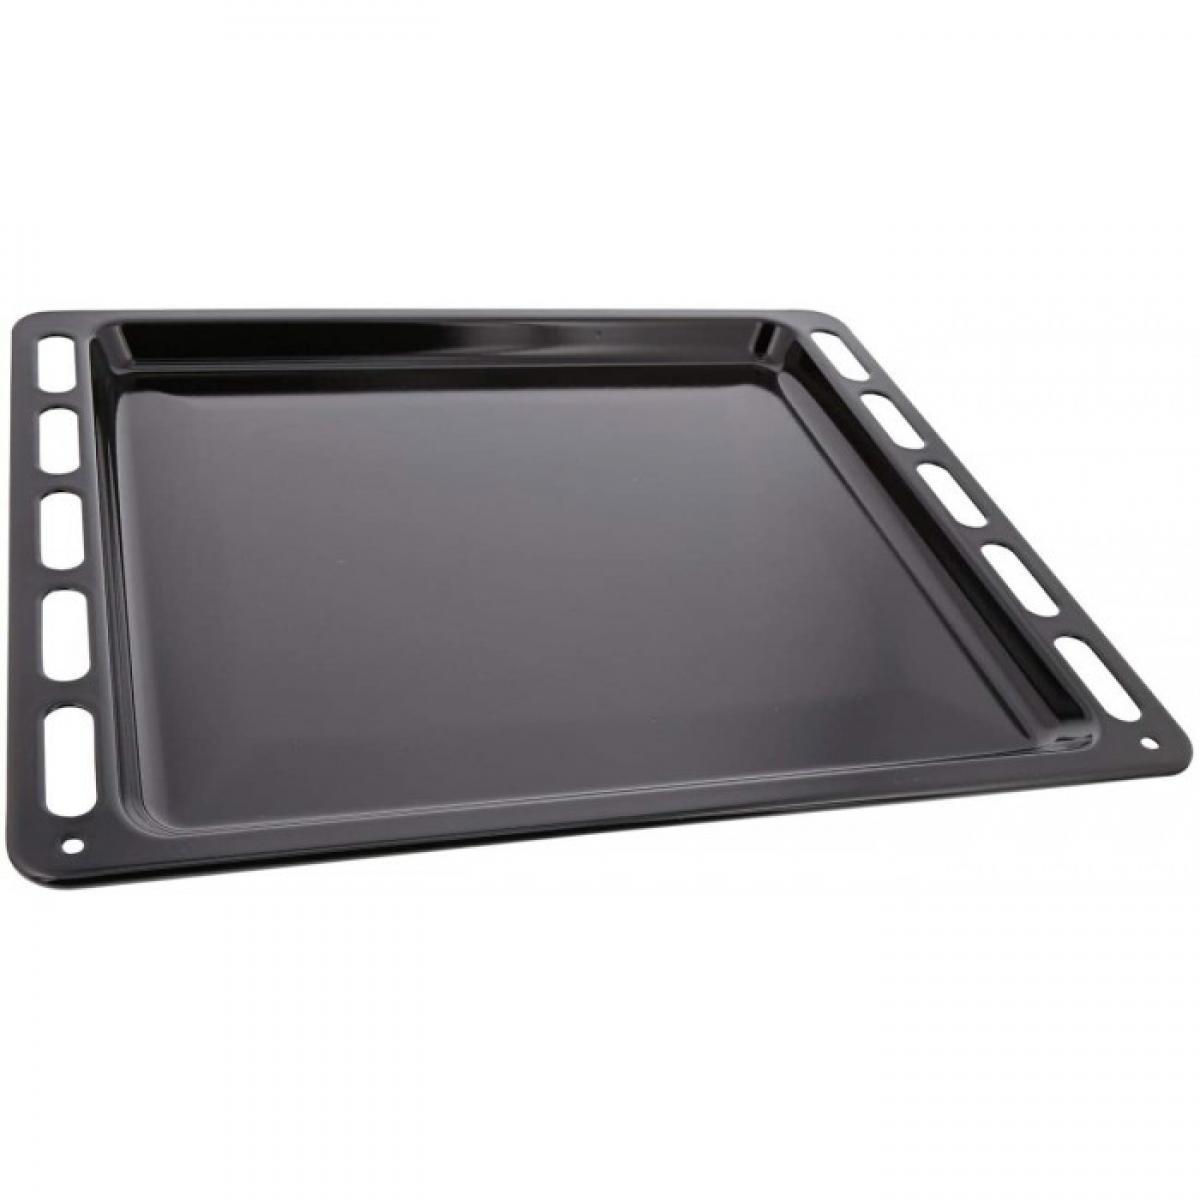 Electrolux Plaque à pâtisserie noire 42,3 x 37,5 cm pour fours electrolux - zanussi - aeg - faure